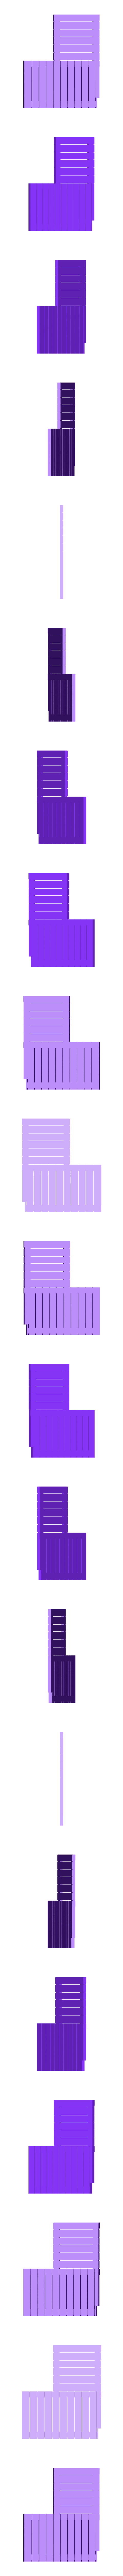 floor_corner2.stl Télécharger fichier STL gratuit Ripper's London - The (Modular) Factory • Modèle pour imprimante 3D, Earsling